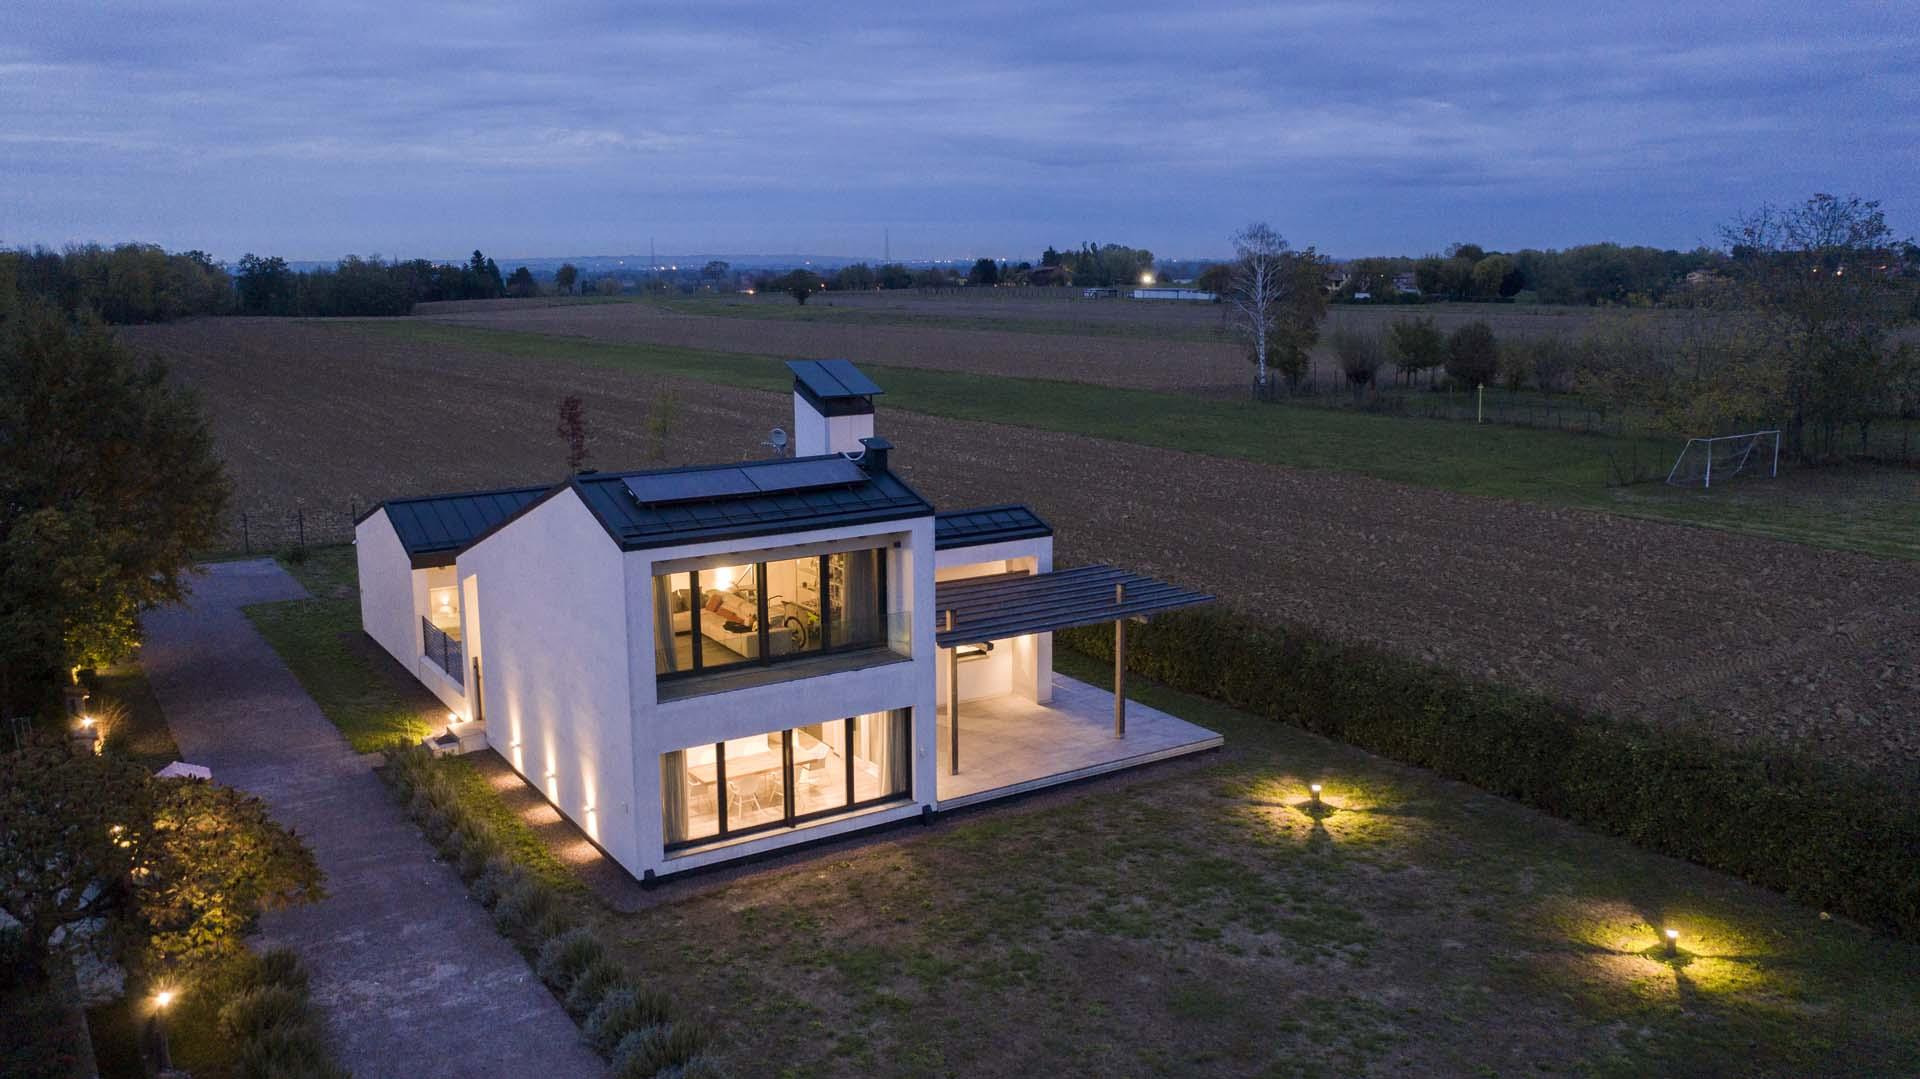 Edifici pubblici ille case in legno tecnologia for Costi dell appaltatore per la costruzione di una casa